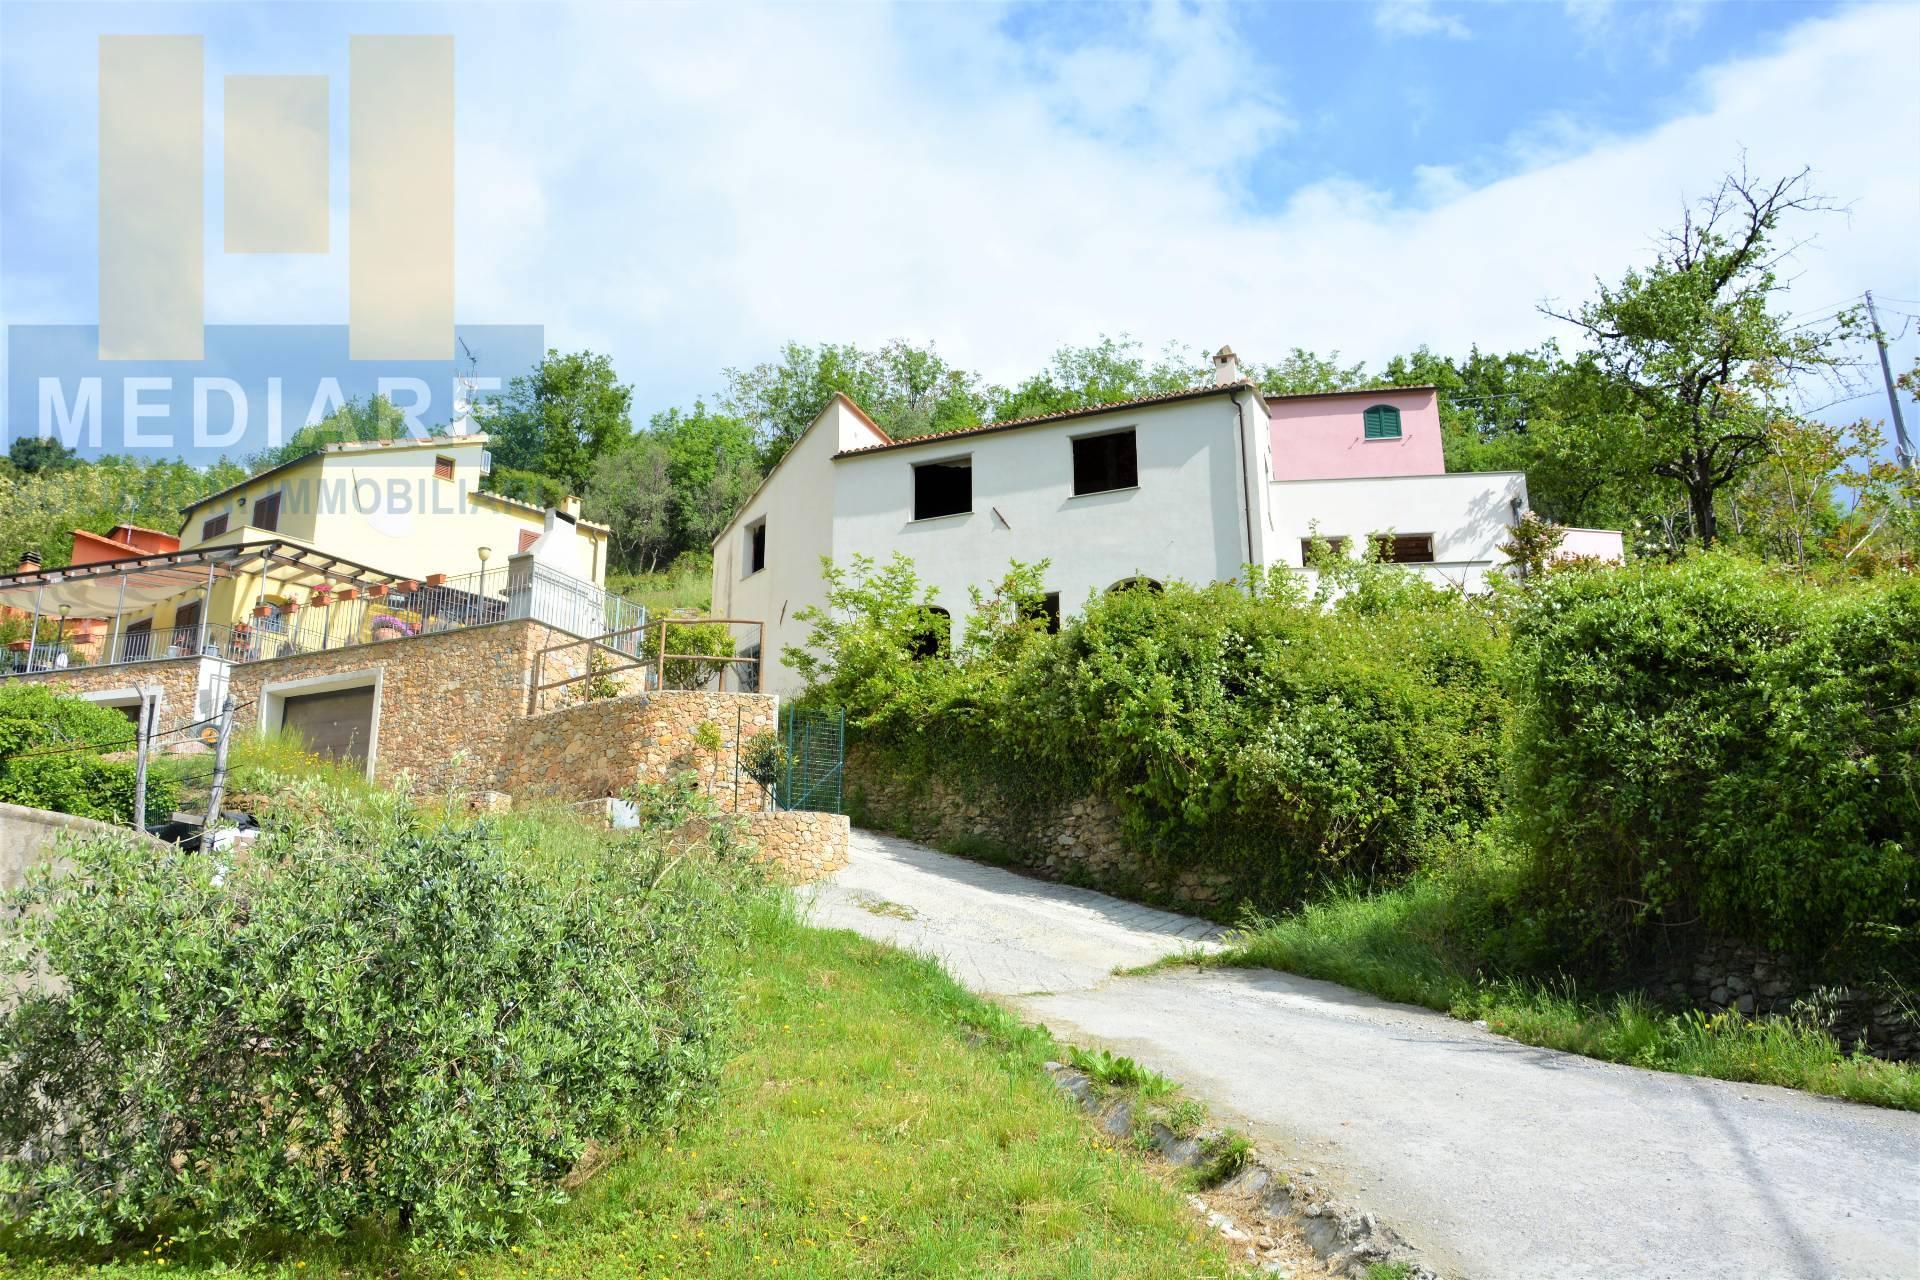 Soluzione Indipendente in vendita a Rialto, 5 locali, zona Zona: Mulino, prezzo € 185.000 | CambioCasa.it